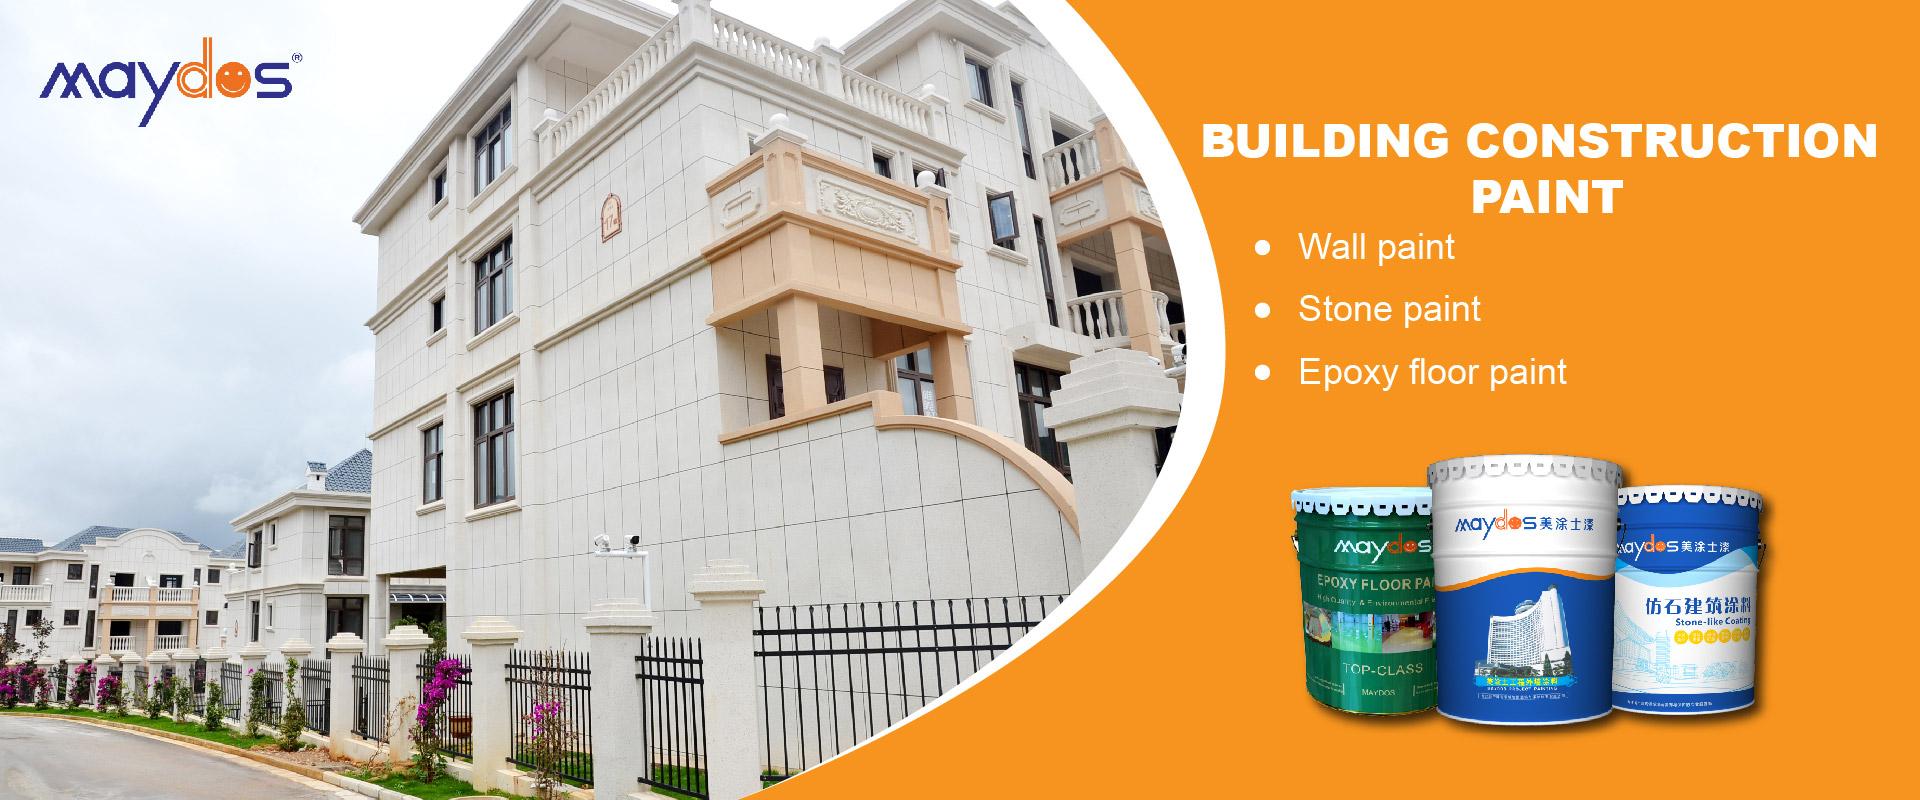 building construction paint-banner